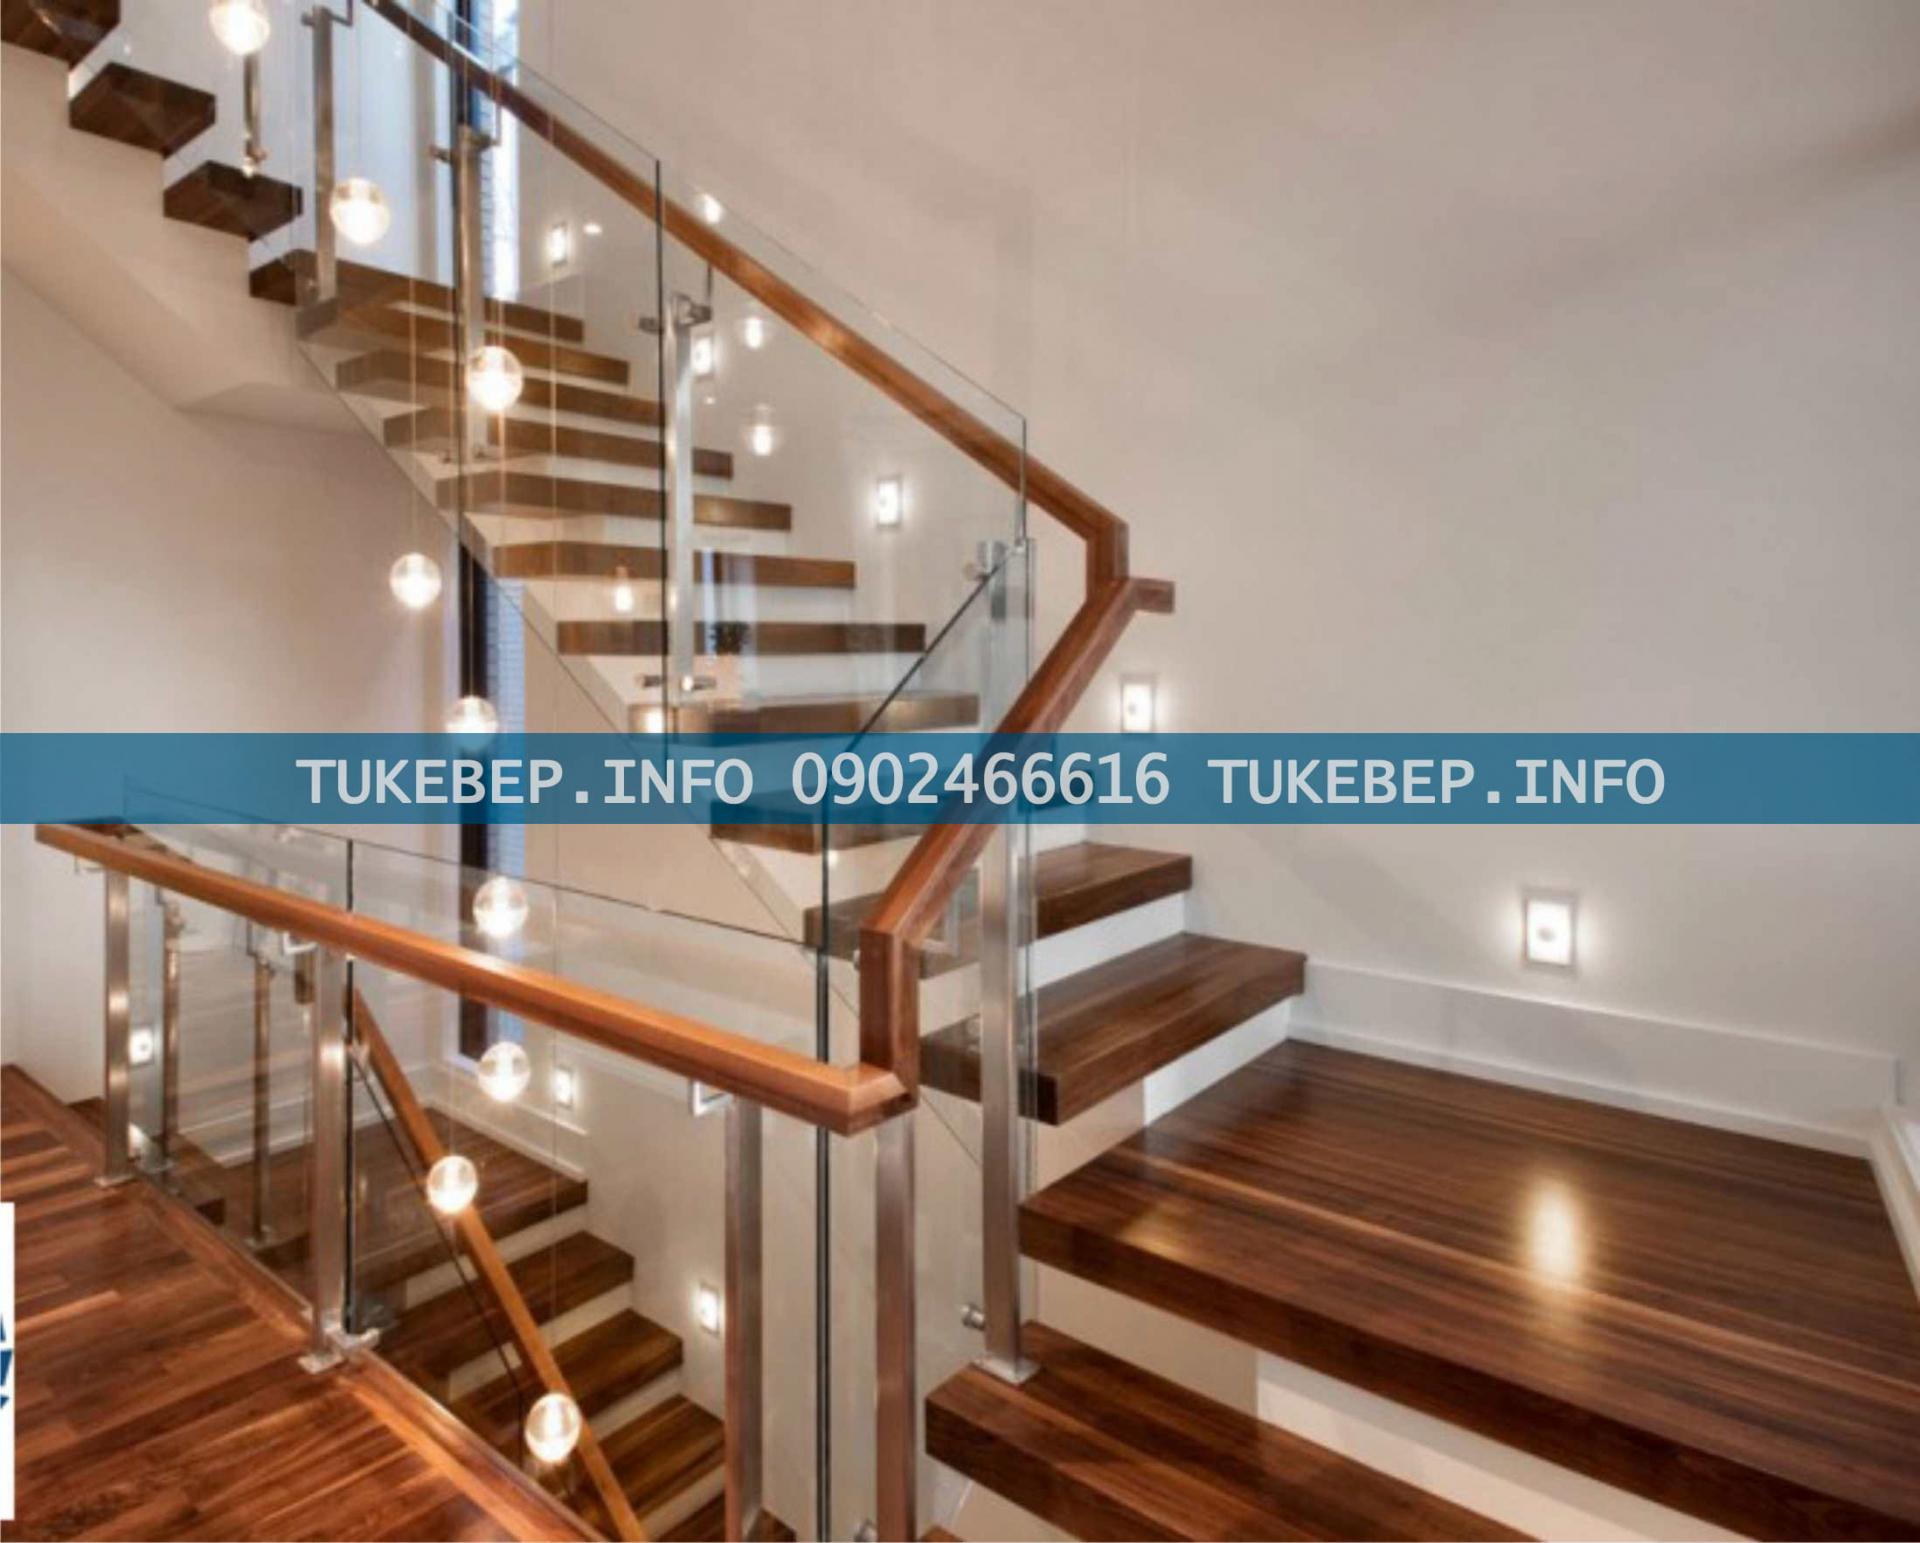 Cầu thang ốp gỗ công nghiệp sang trọng, hiện đại cho gia đình bạn